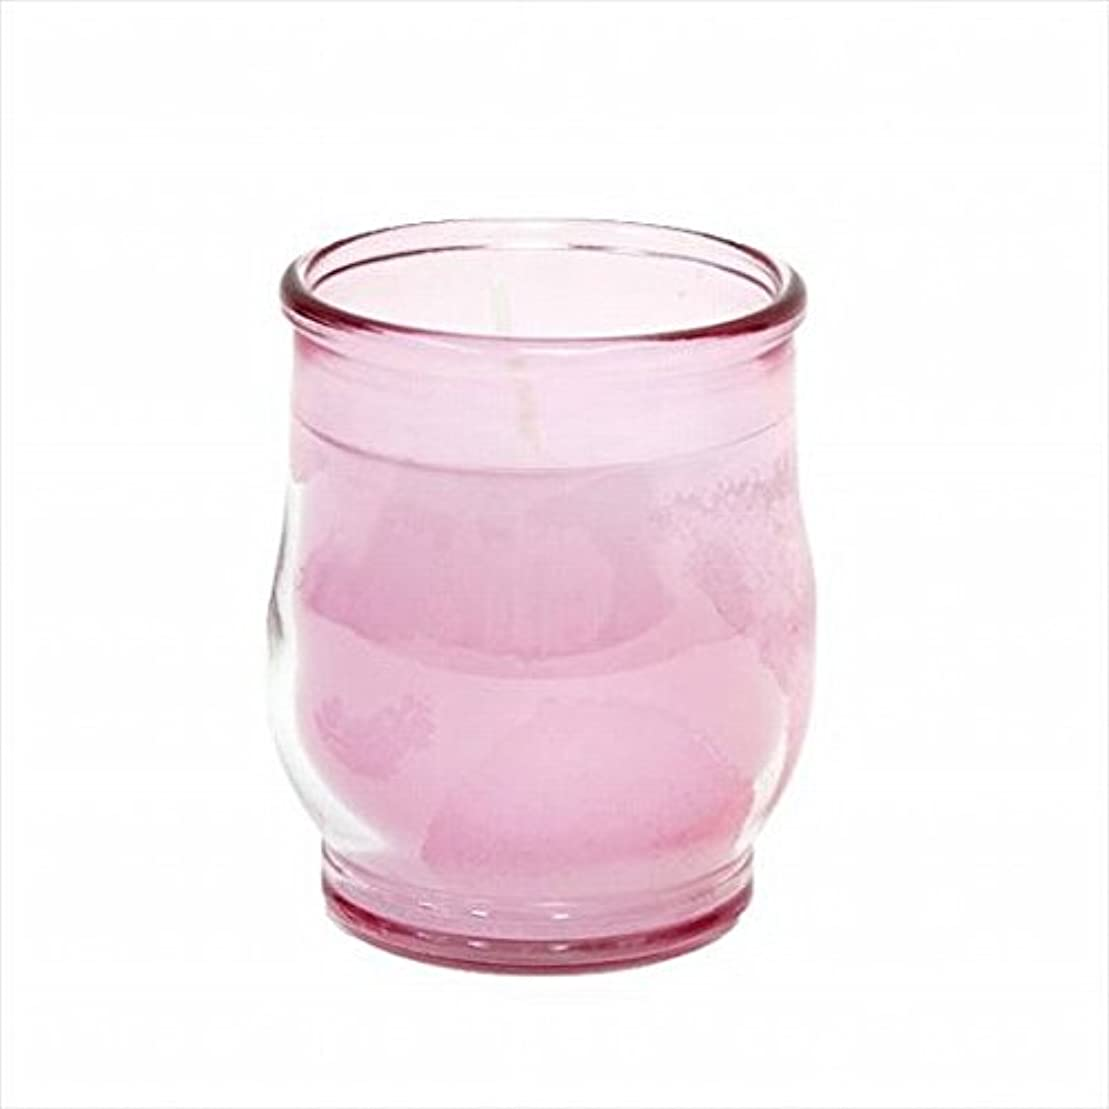 kameyama candle(カメヤマキャンドル) ポシェ(非常用コップローソク) 「 ピンク(ライトカラー) 」 キャンドル 68x68x80mm (73020030P)